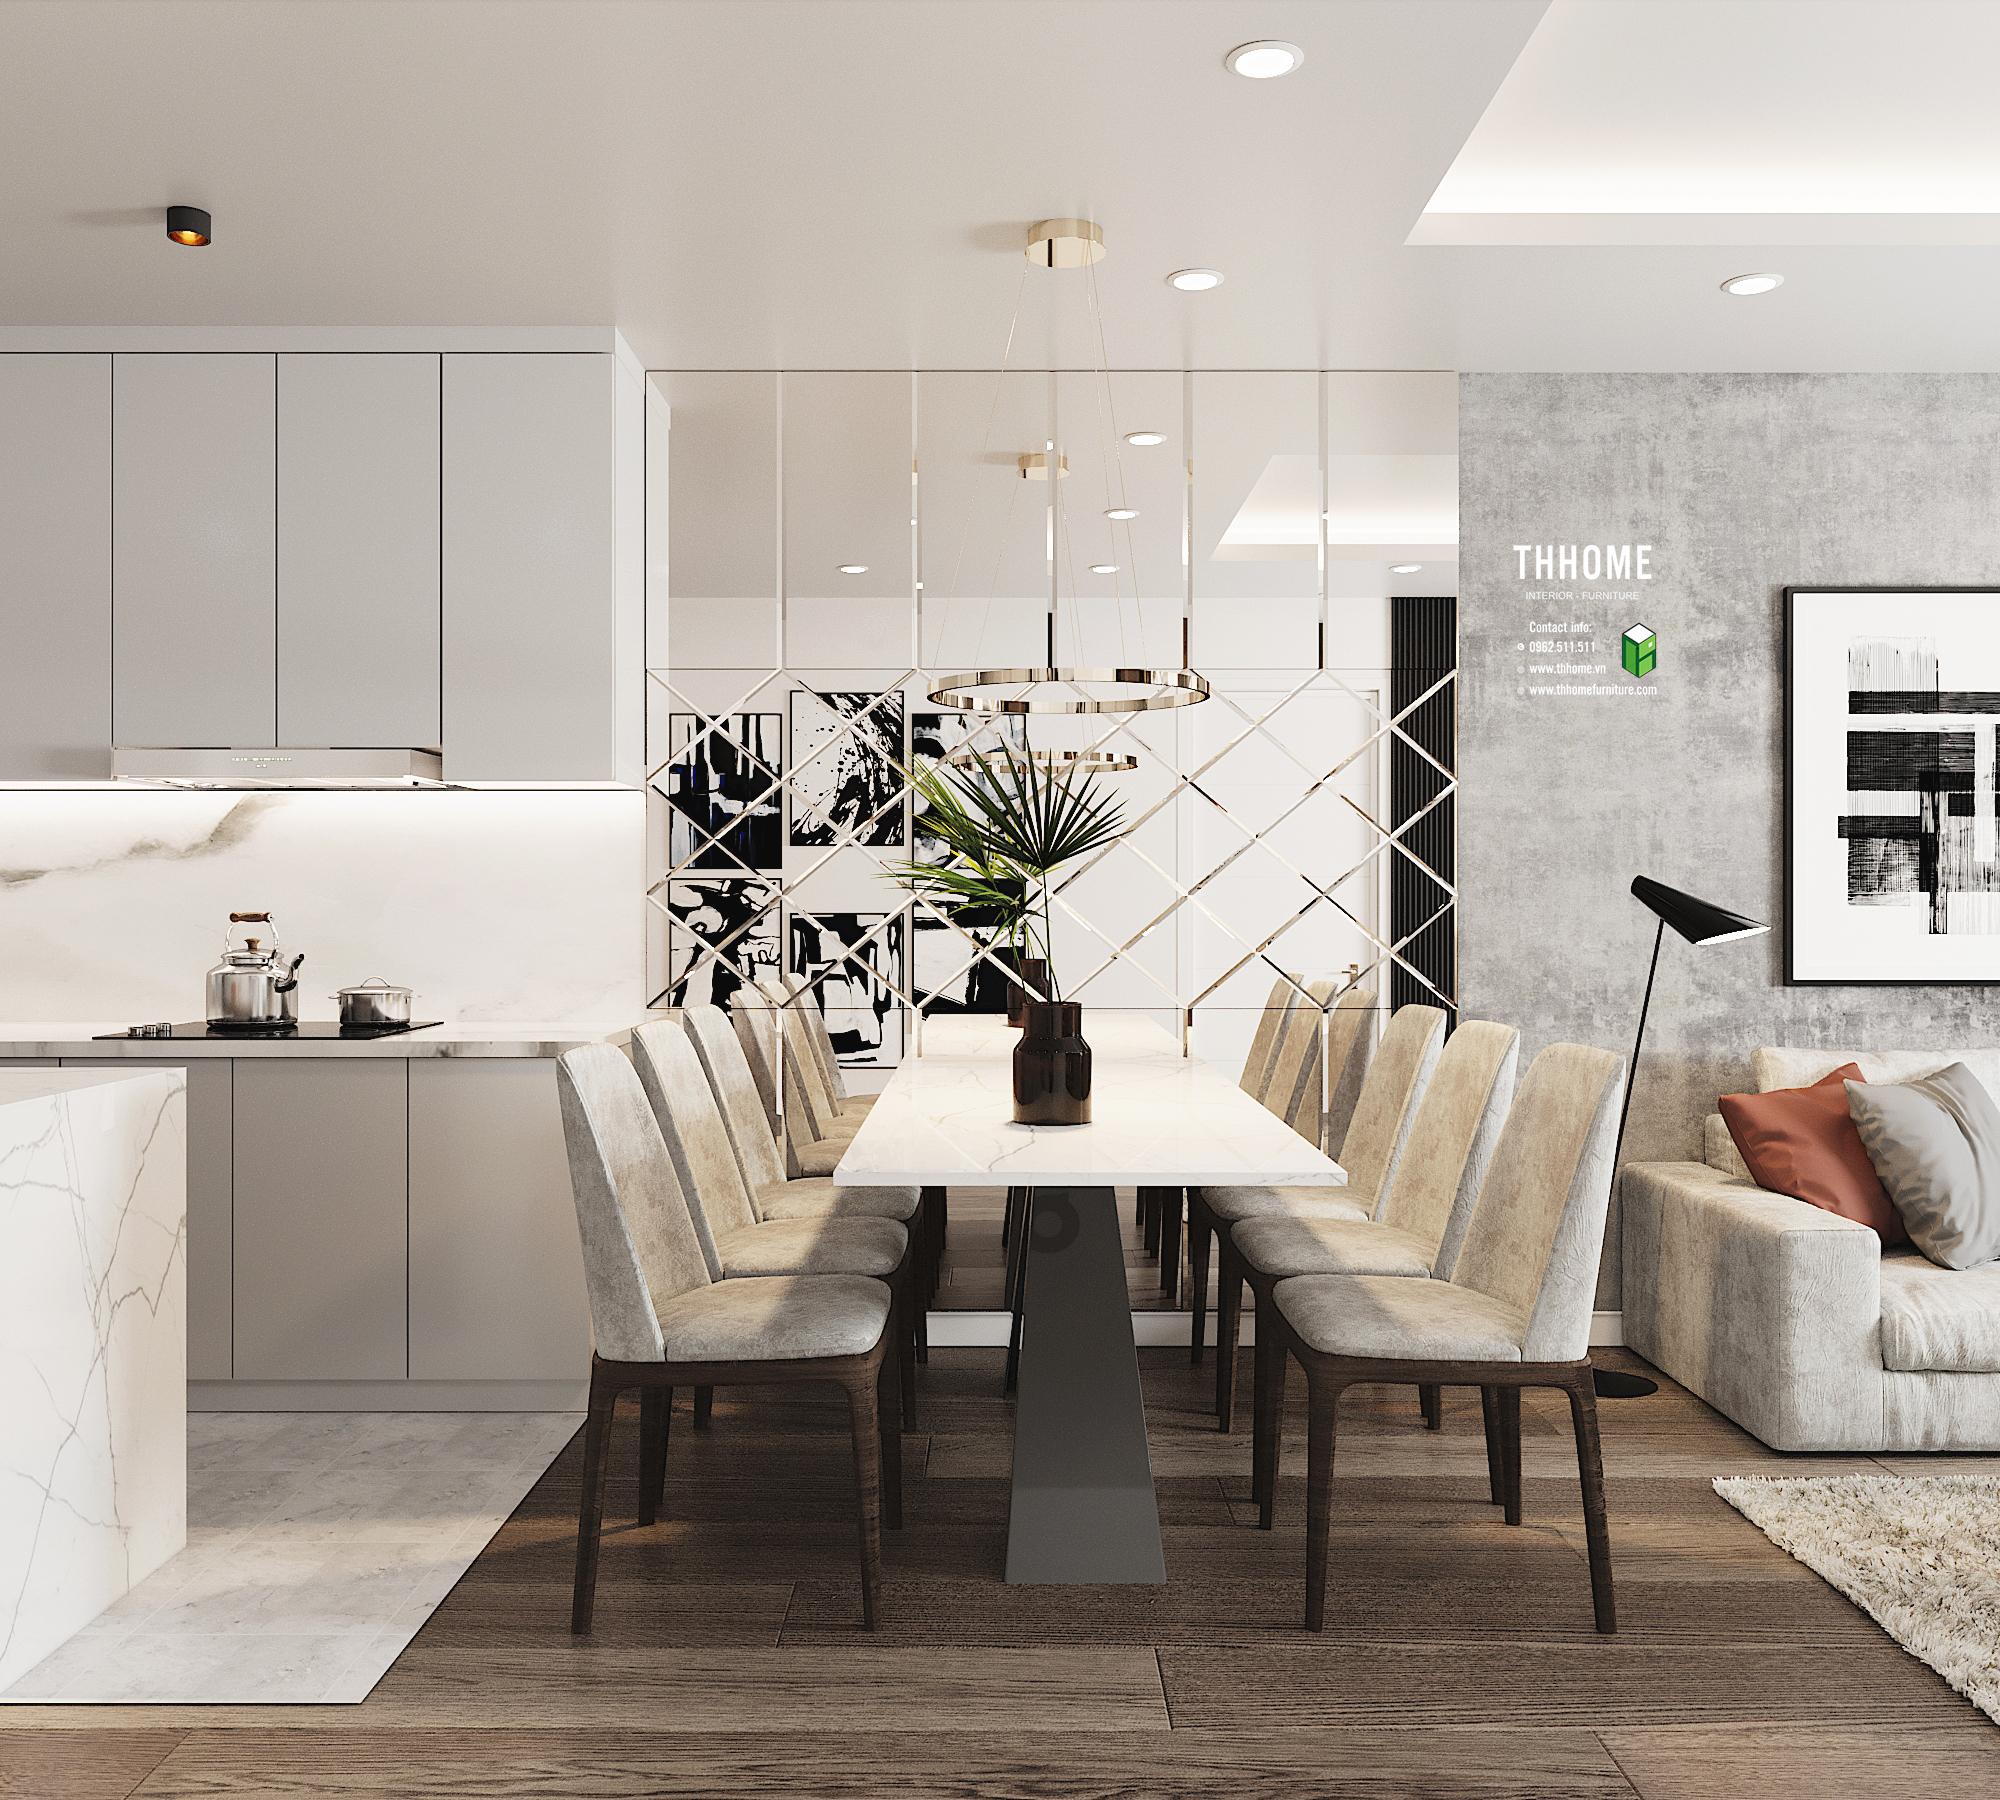 Mẫu thiết kế nội thất trong những dự án của TH Home